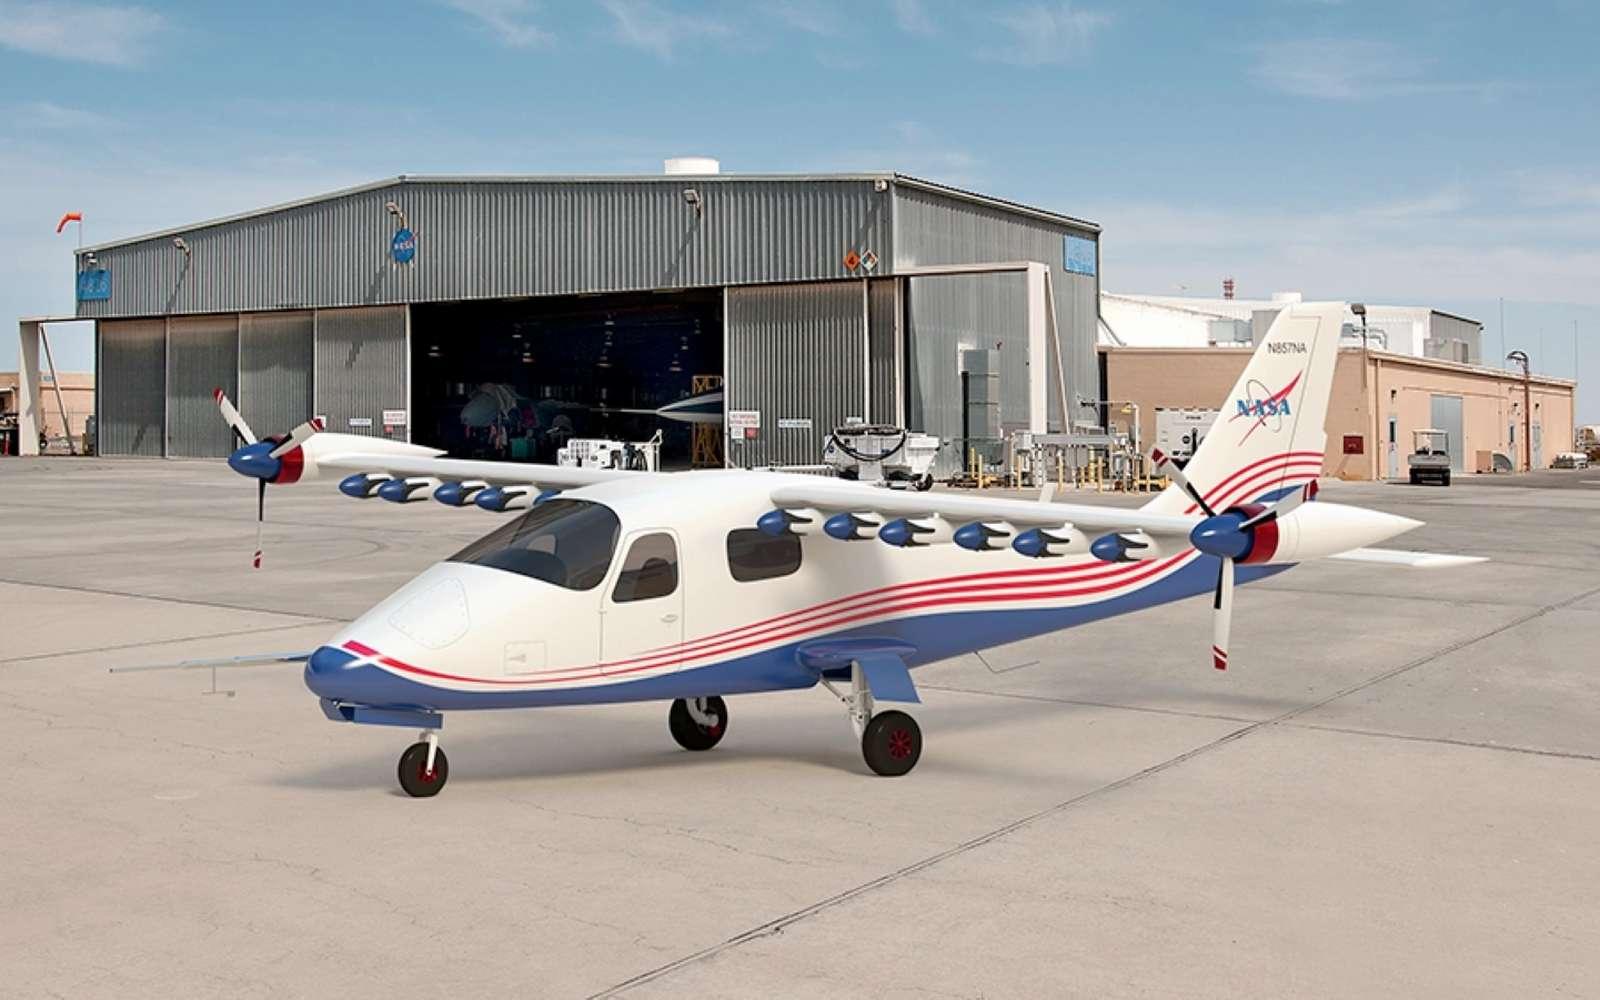 Le X-57 Maxwell est basé sur une cellule de Tecnam P2006T à moteurs thermique. La Nasa a modifié l'aile et remplacé la motorisation par 14 rotors électriques. © Nasa